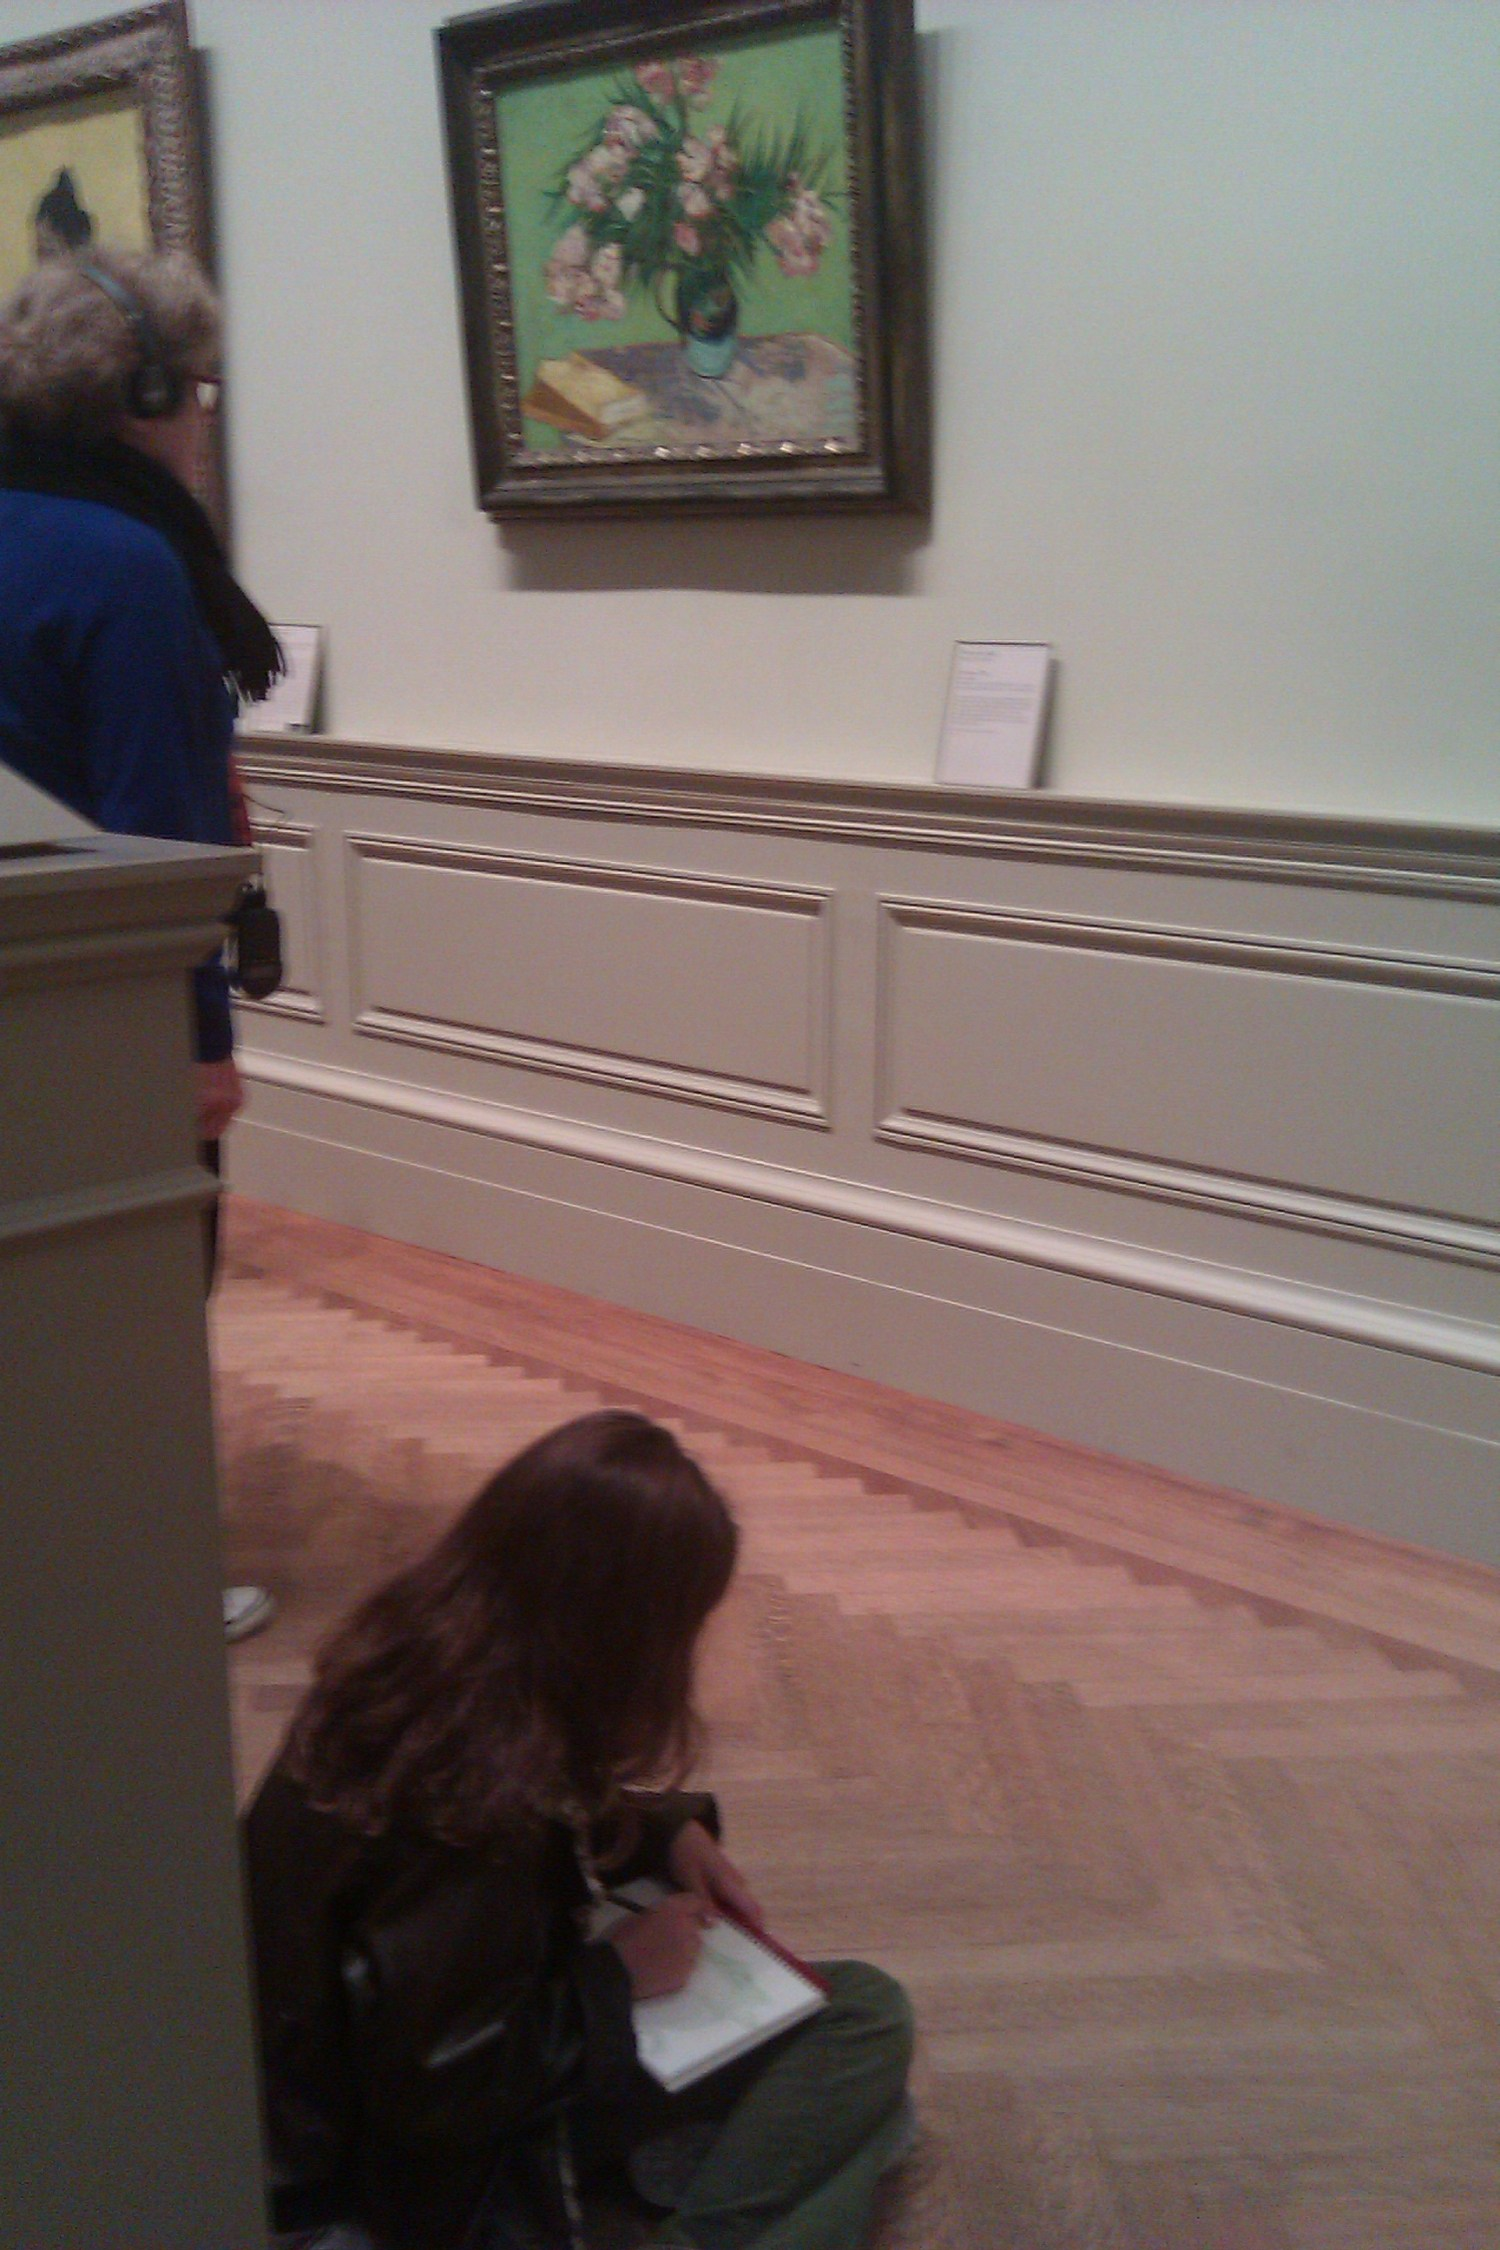 Making Art Museums Fun